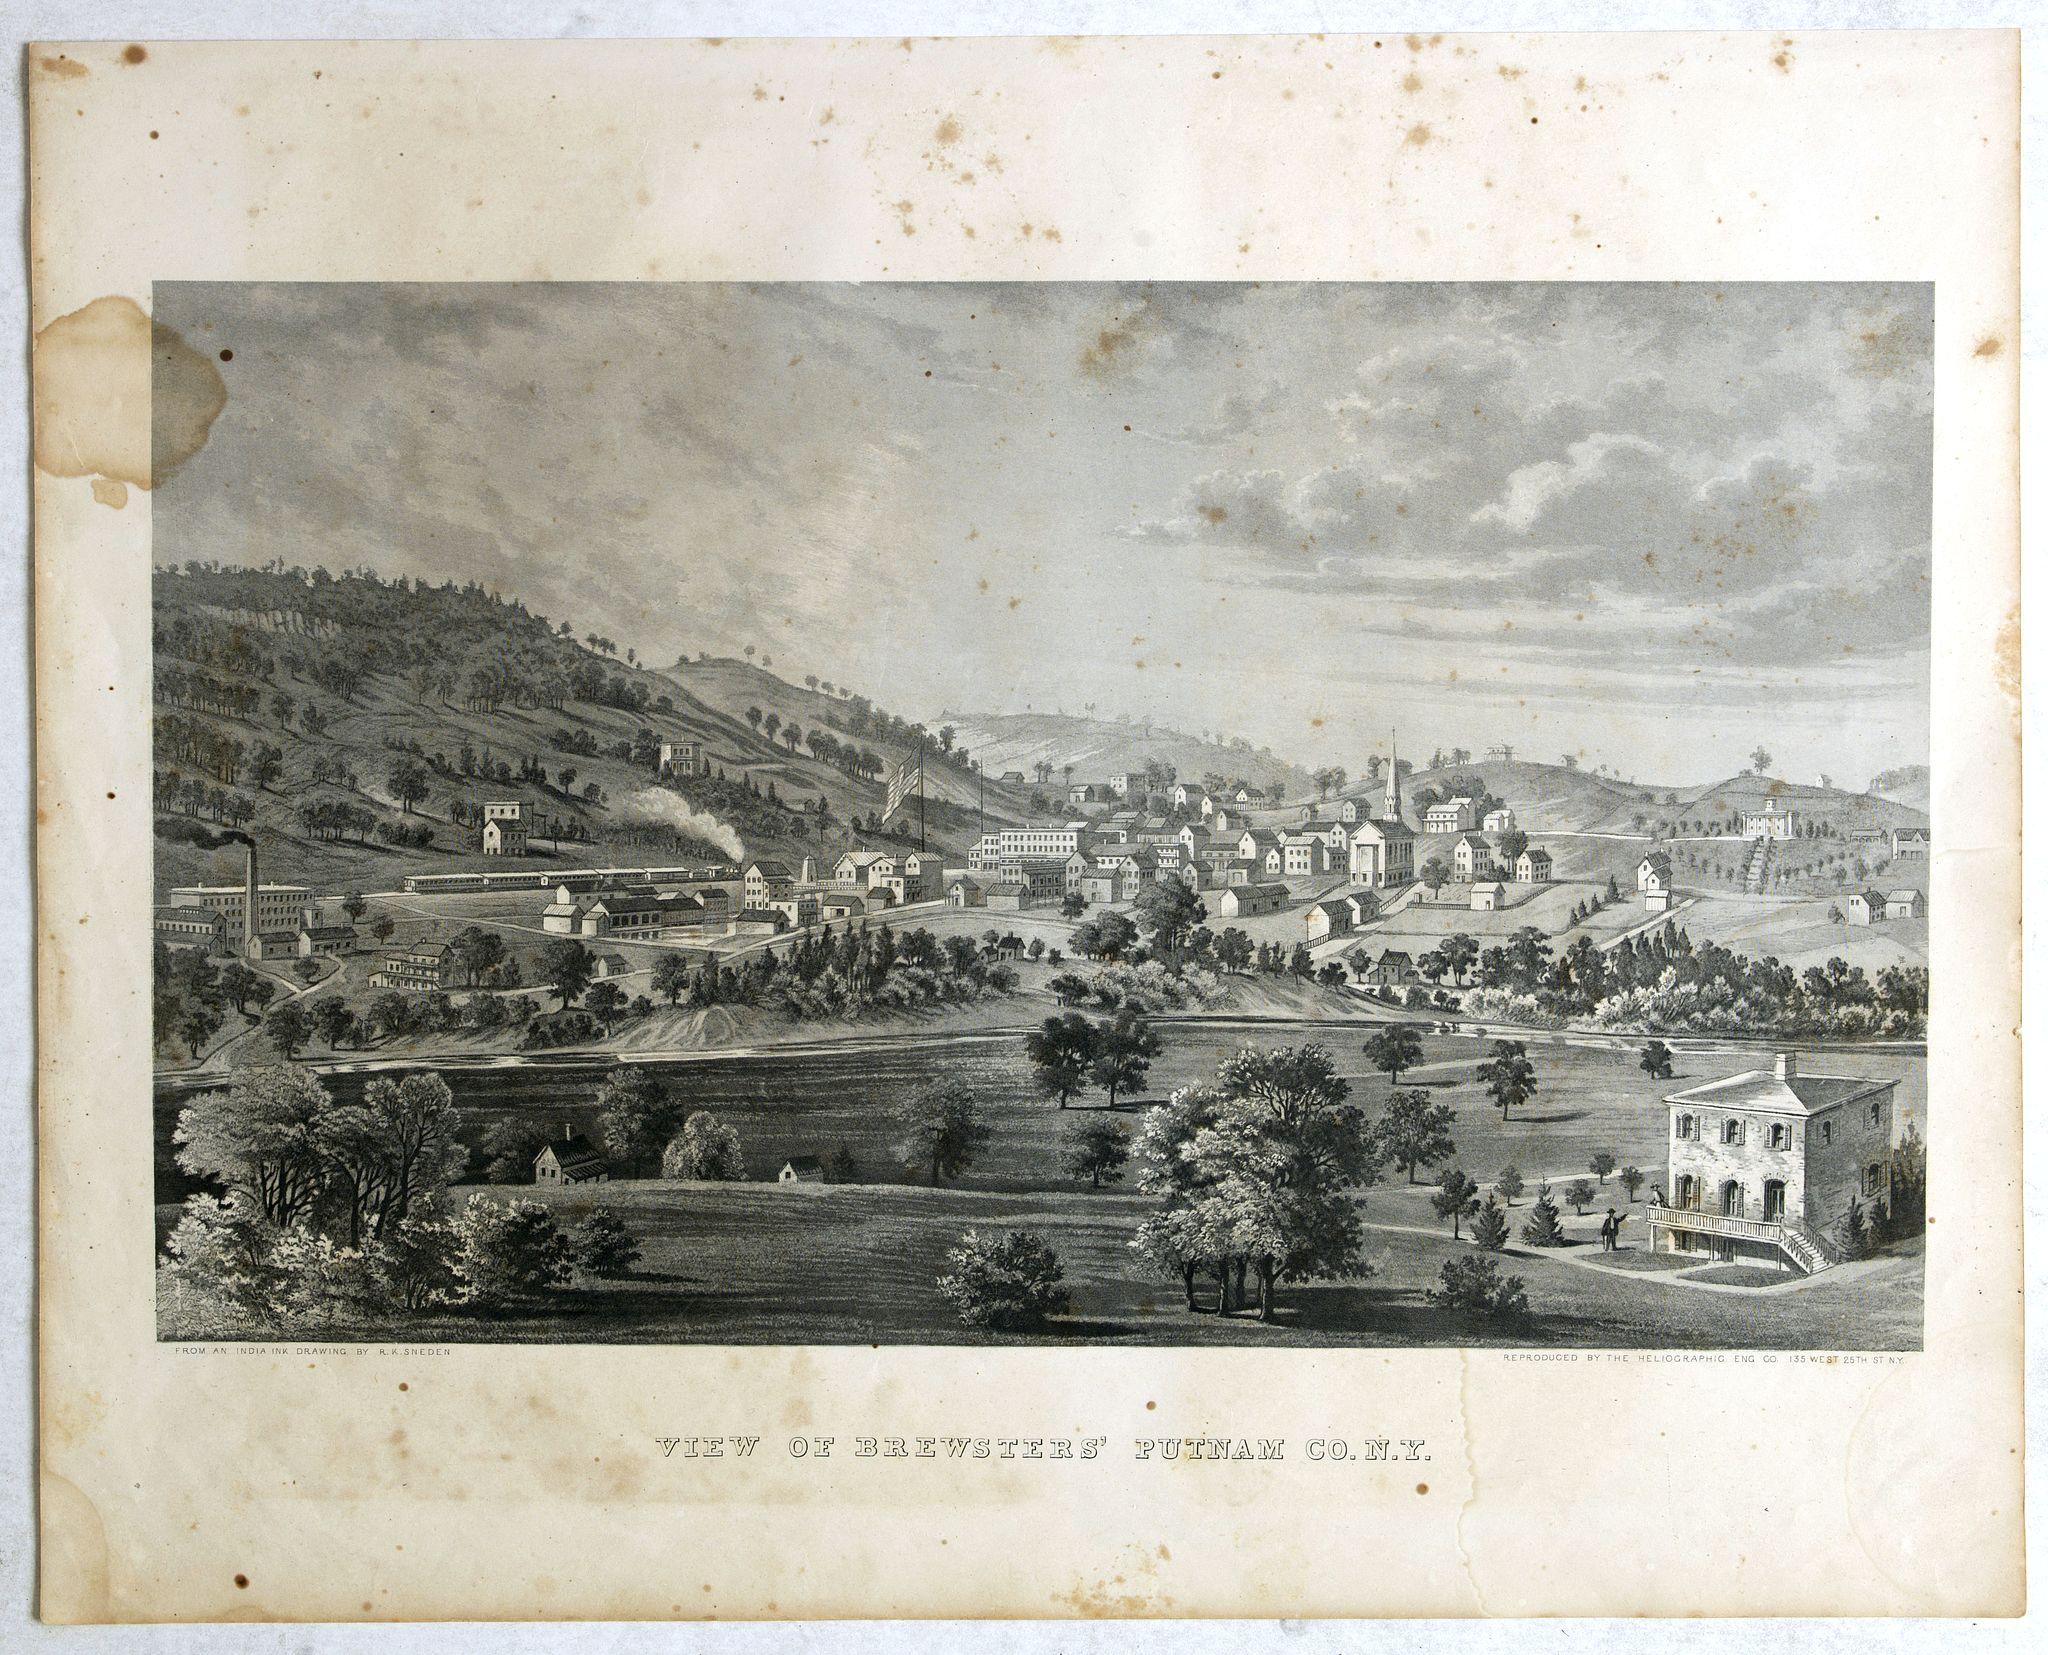 DE BEERS, F.W. -  View of Brewsters' Putnam Co.N.Y.